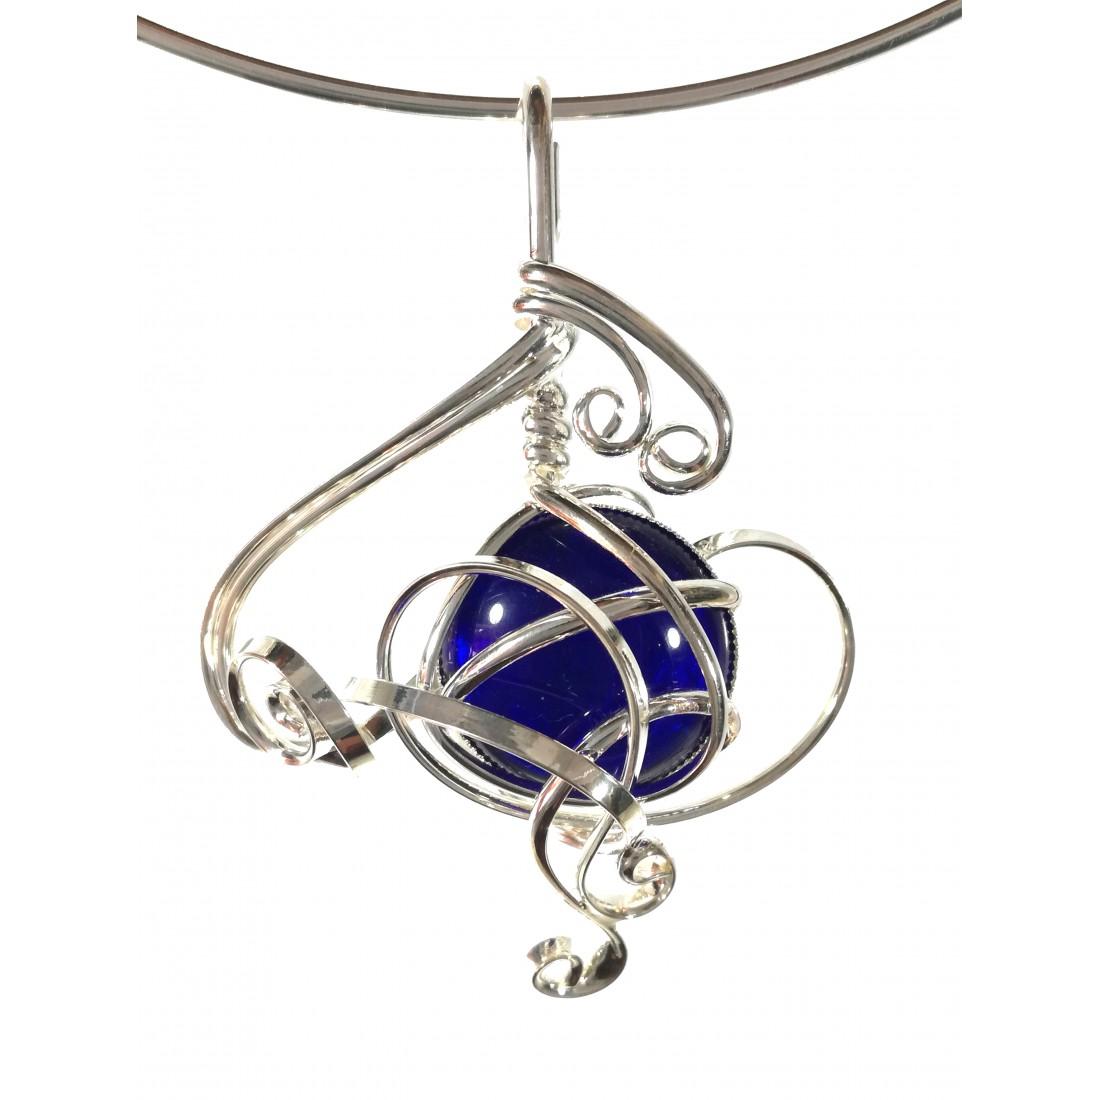 Collier de créateur avec un cabochon en verre bleu foncé